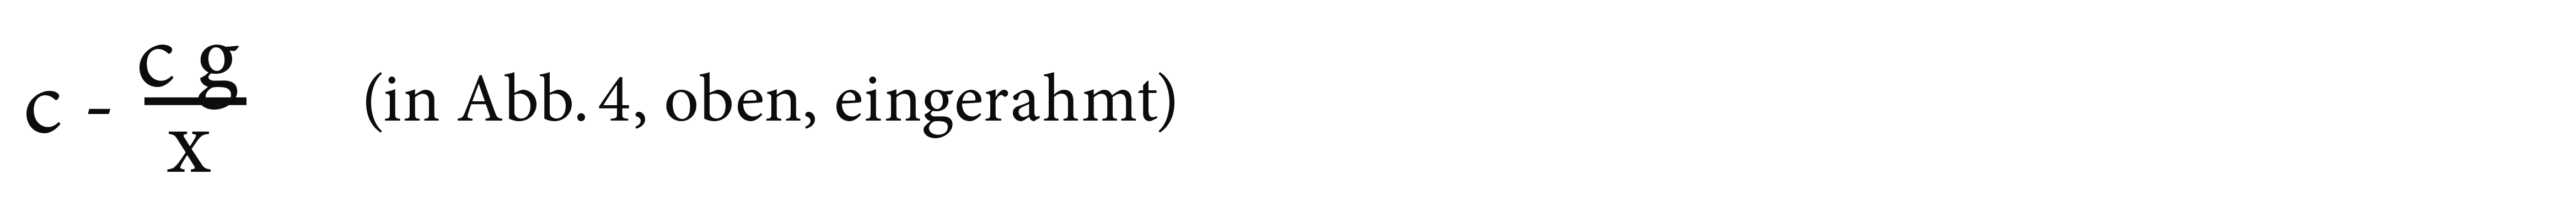 Newton – Euler – Lesage. Zur Theorie der Schwerkraft im 18 ...